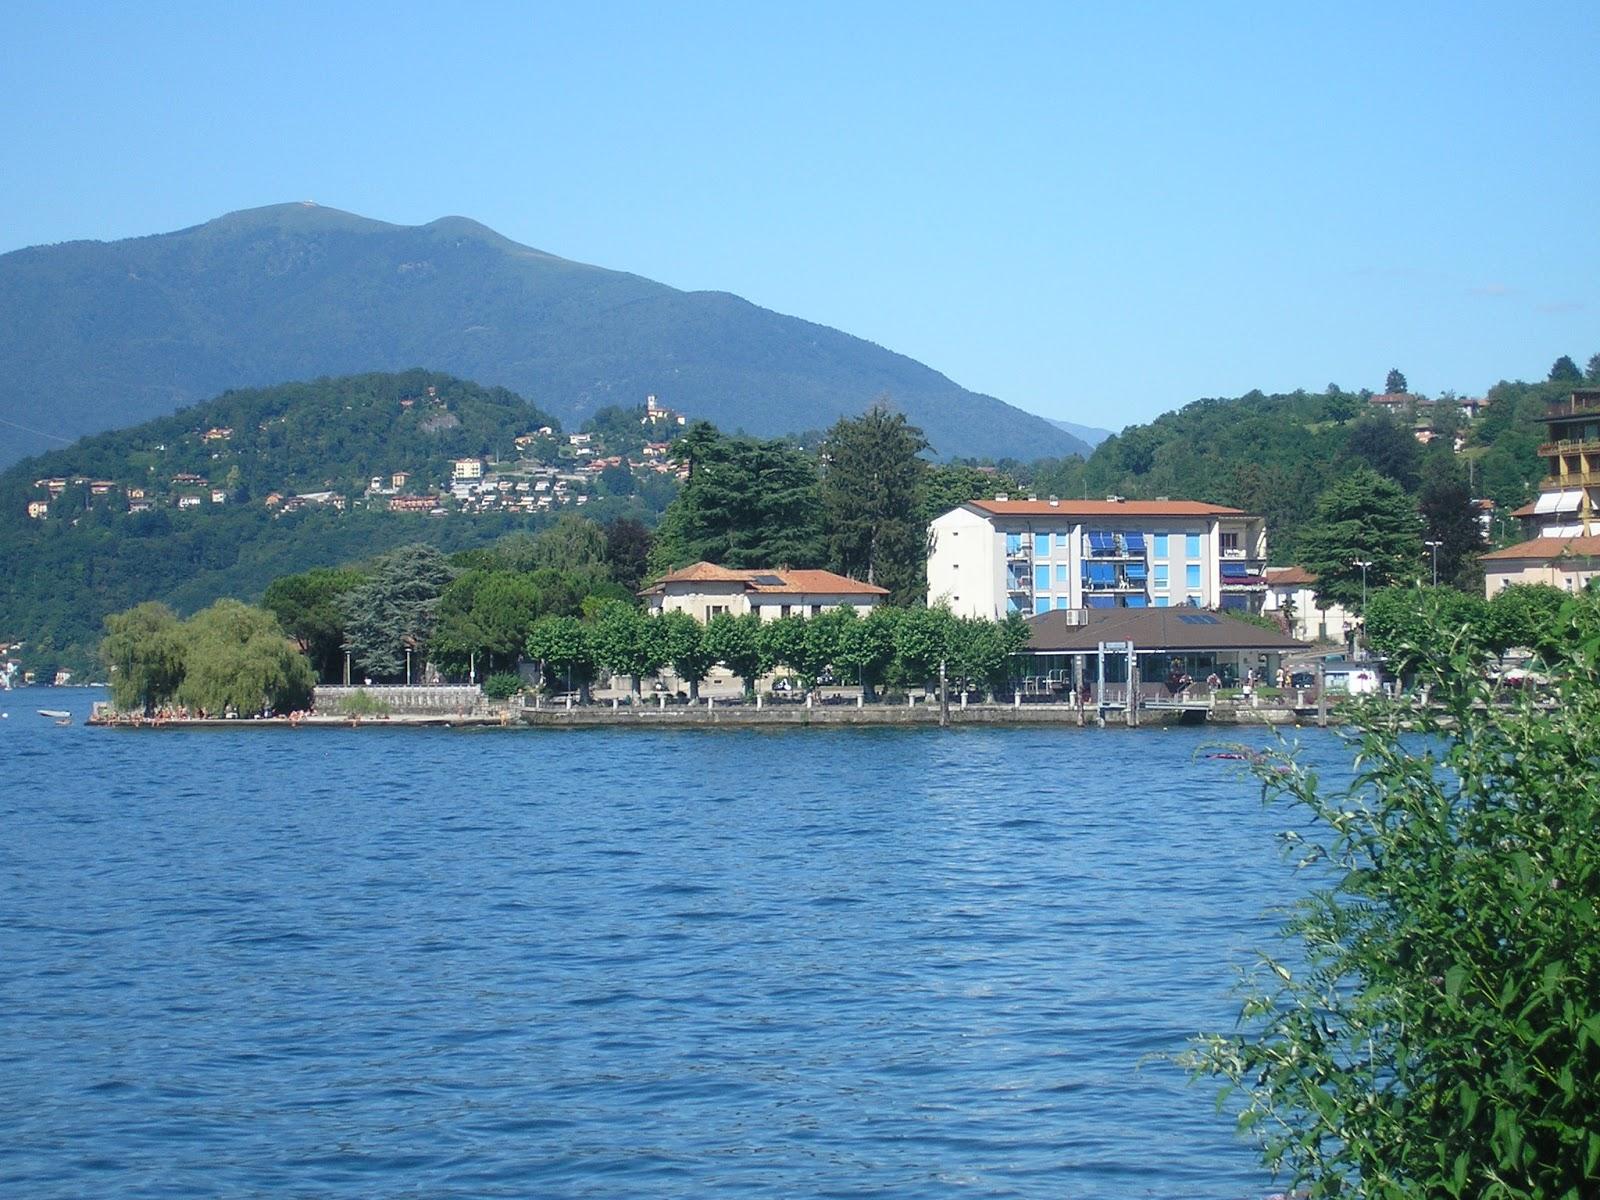 Porto Valtravaglia